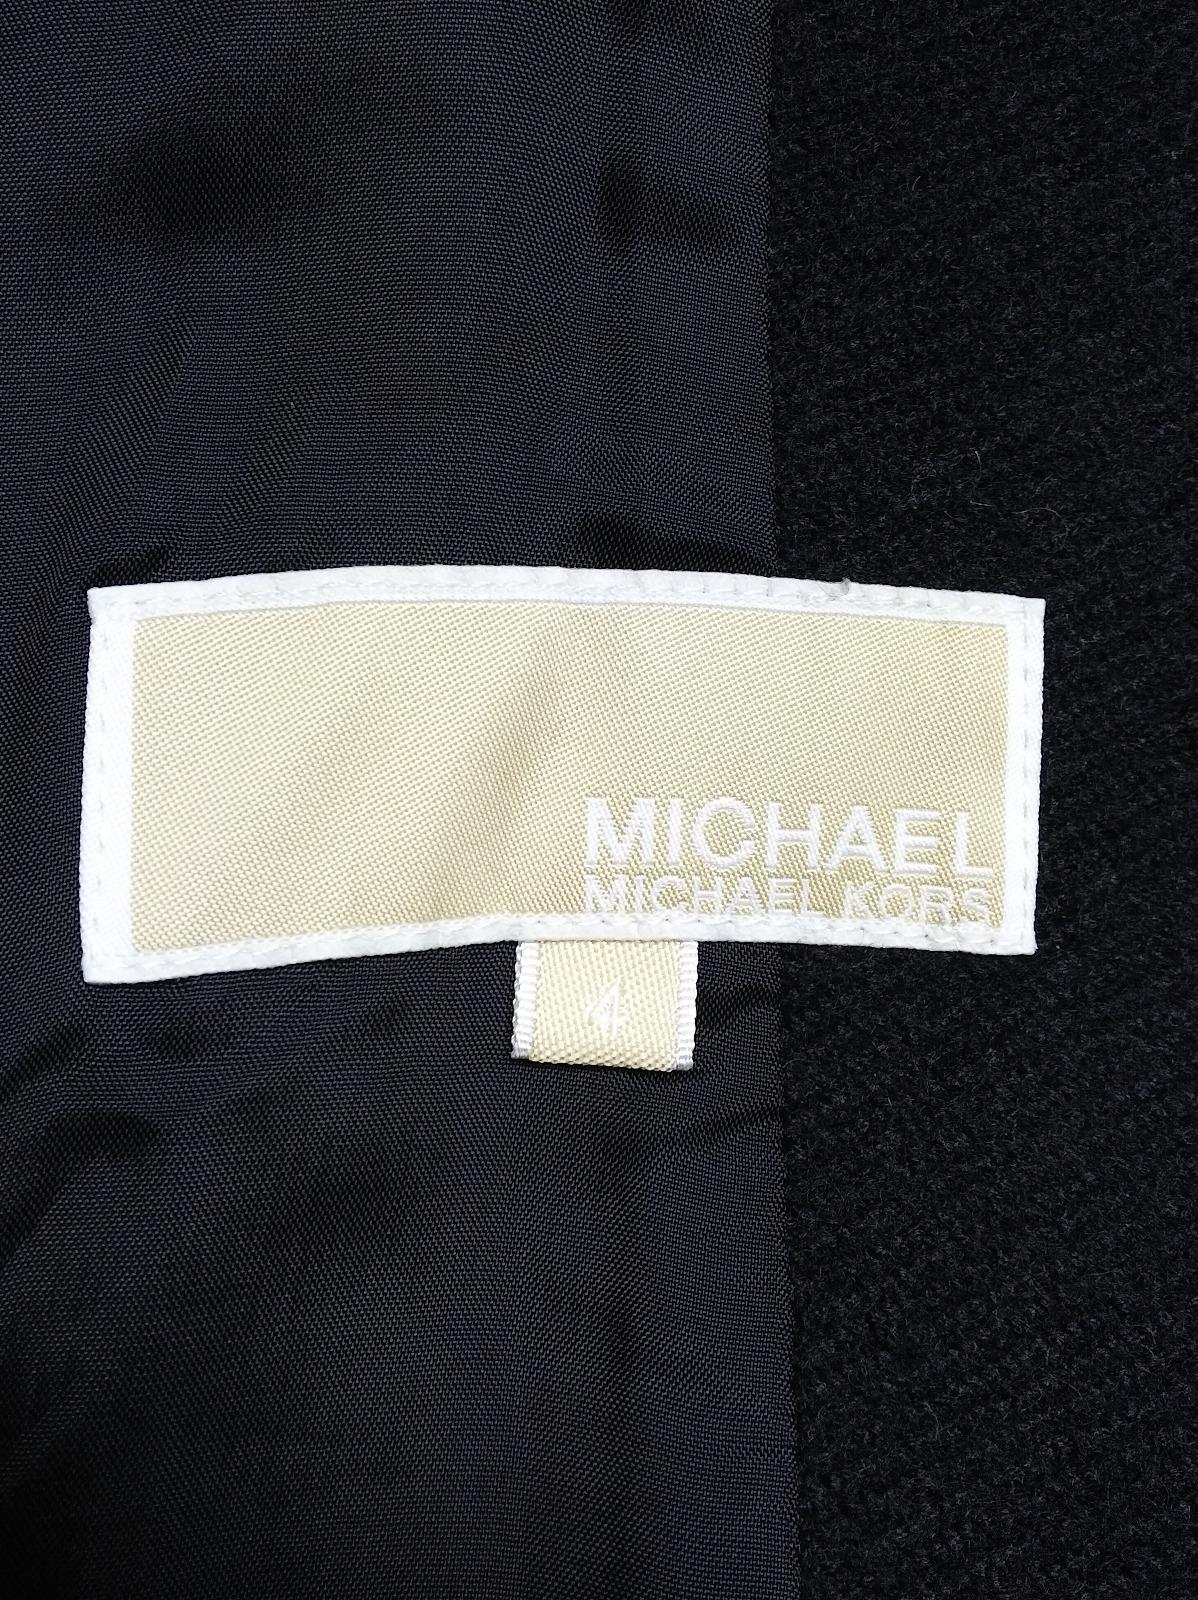 MICHAEL KORS(マイケルコース)のポンチョ